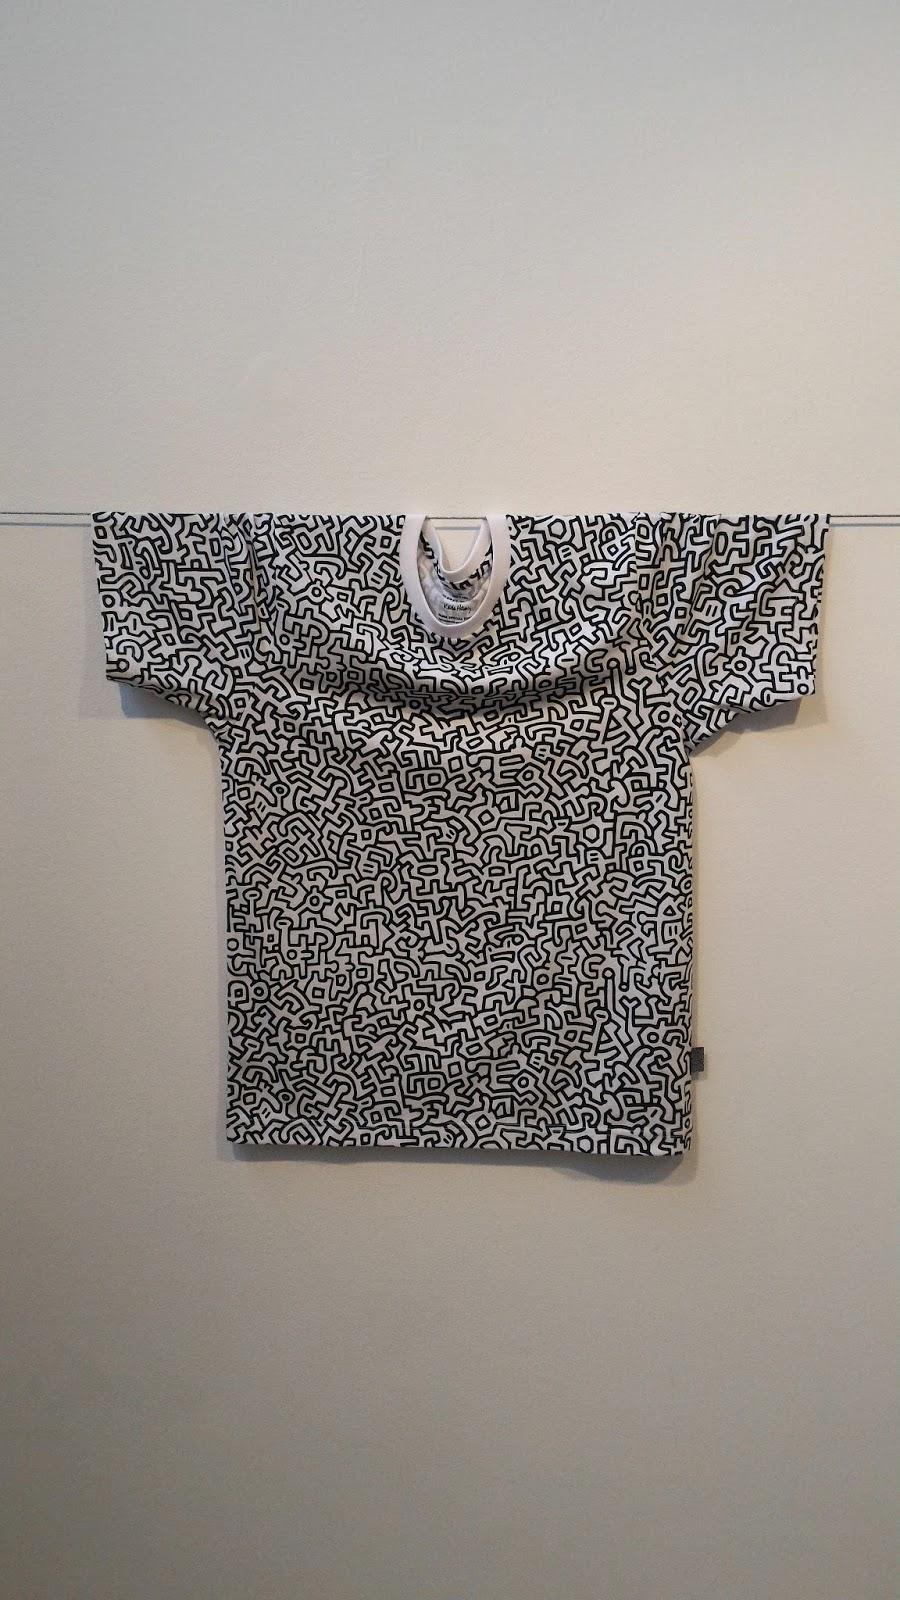 David chiu 39 s stuff uniqlo t shirts in canada for Uniqlo moma t shirt